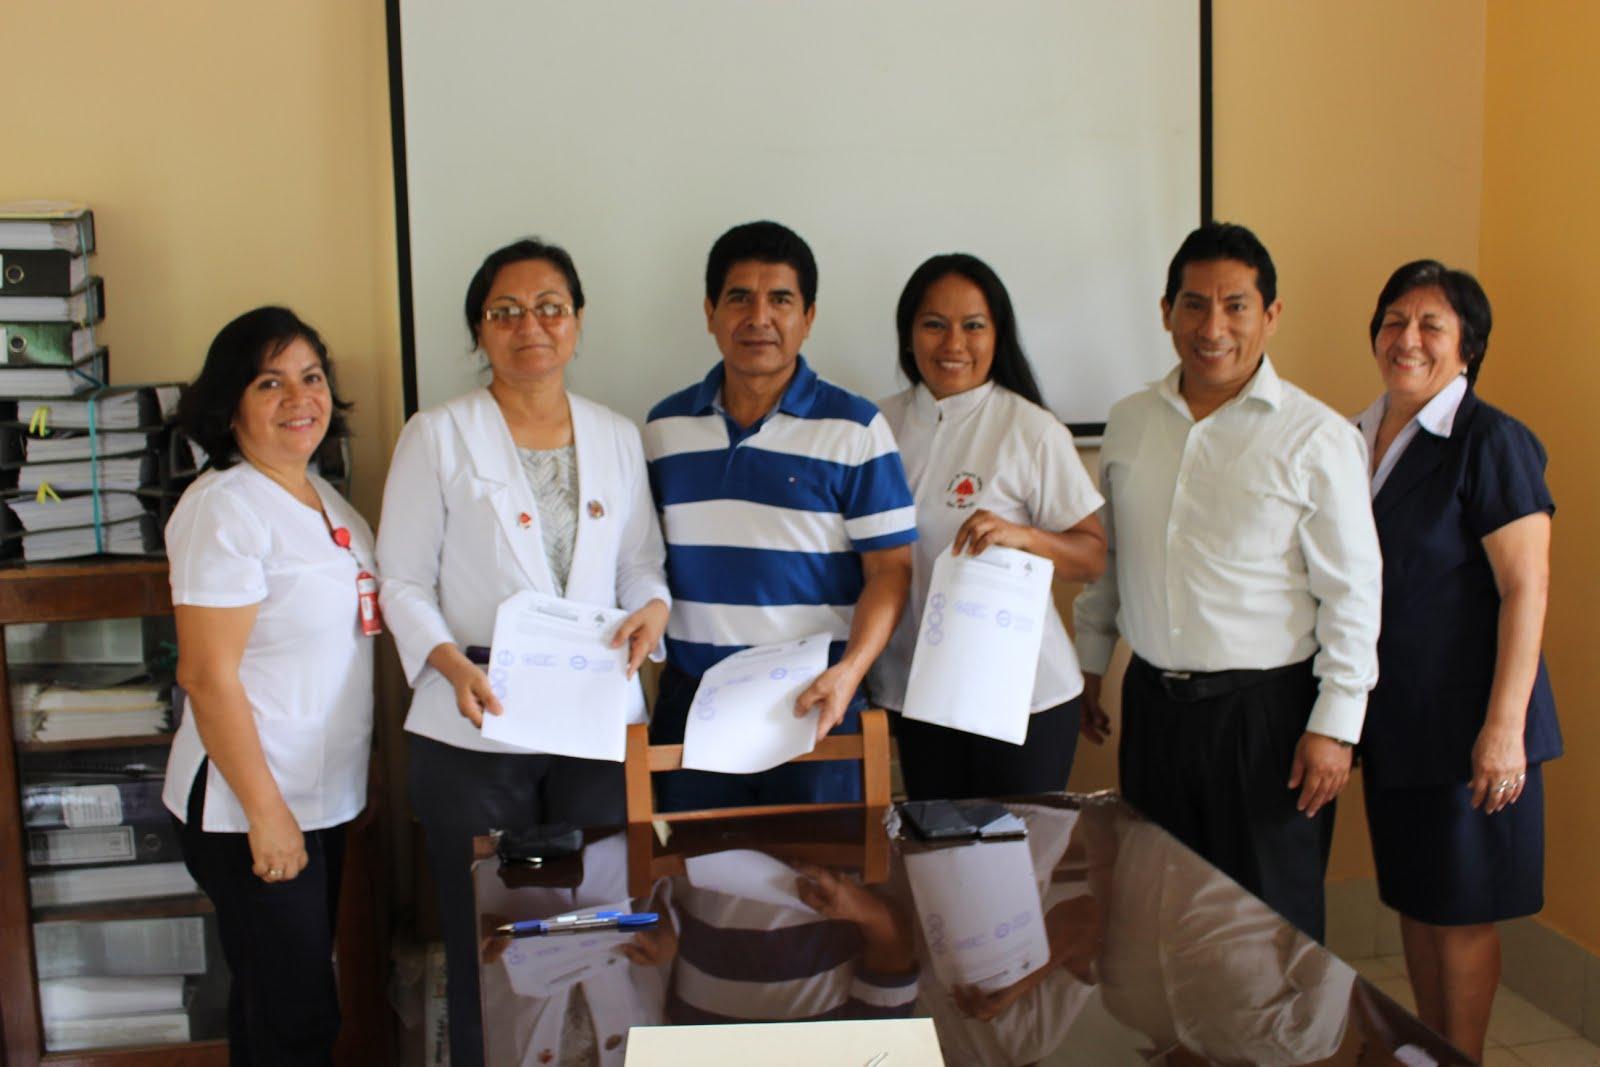 Acuerdan promover donación voluntaria de sangre A través de Convenio de Cooperación Mutua entre el